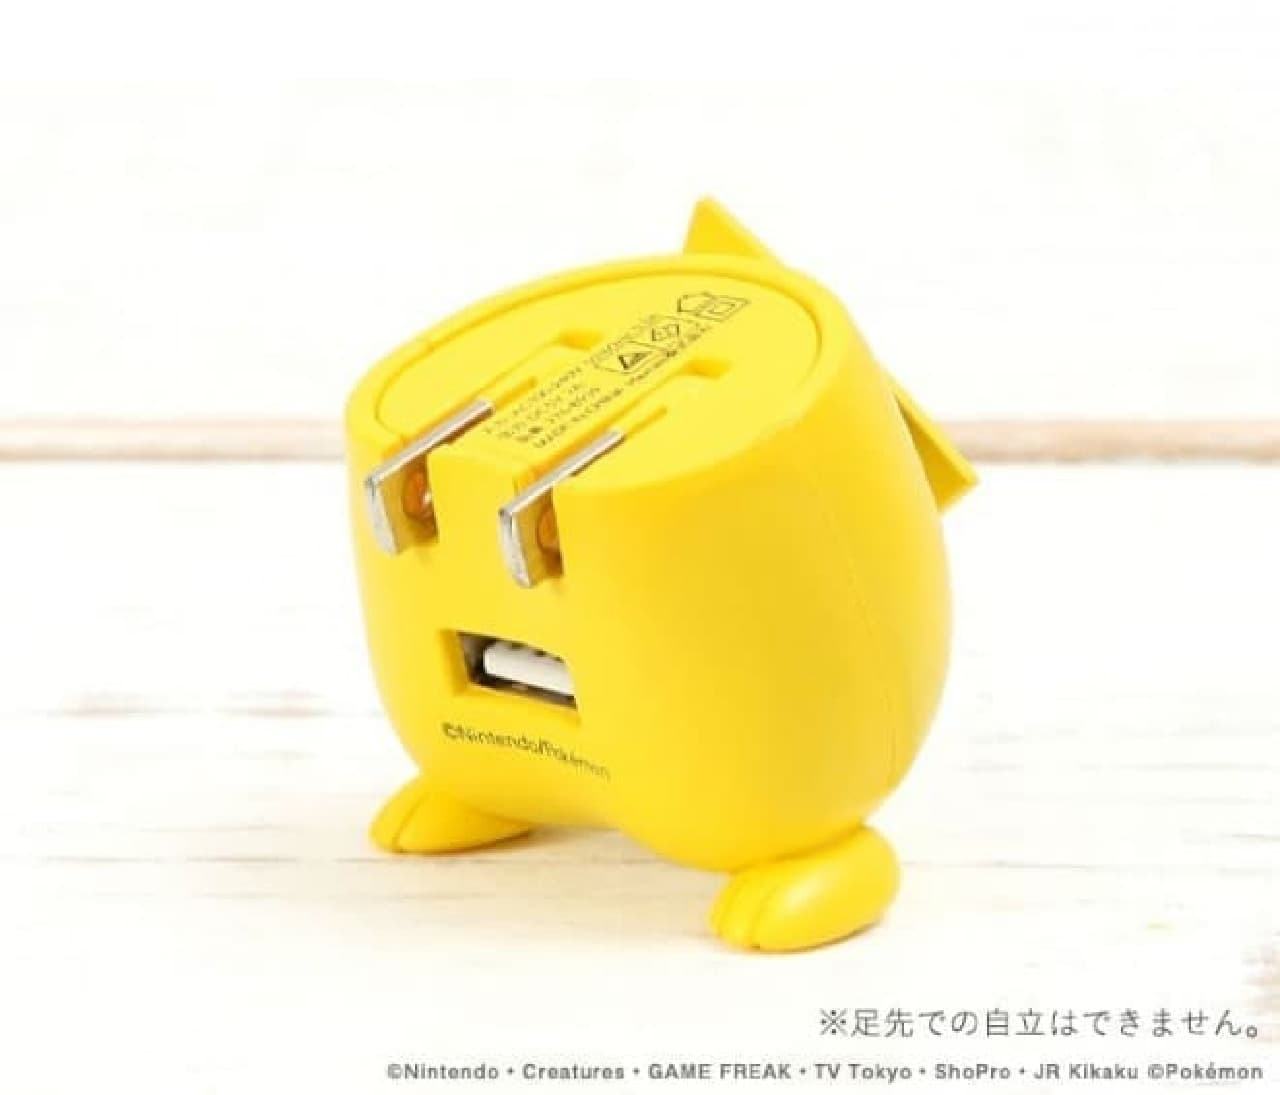 ピカチュウのおしり充電器